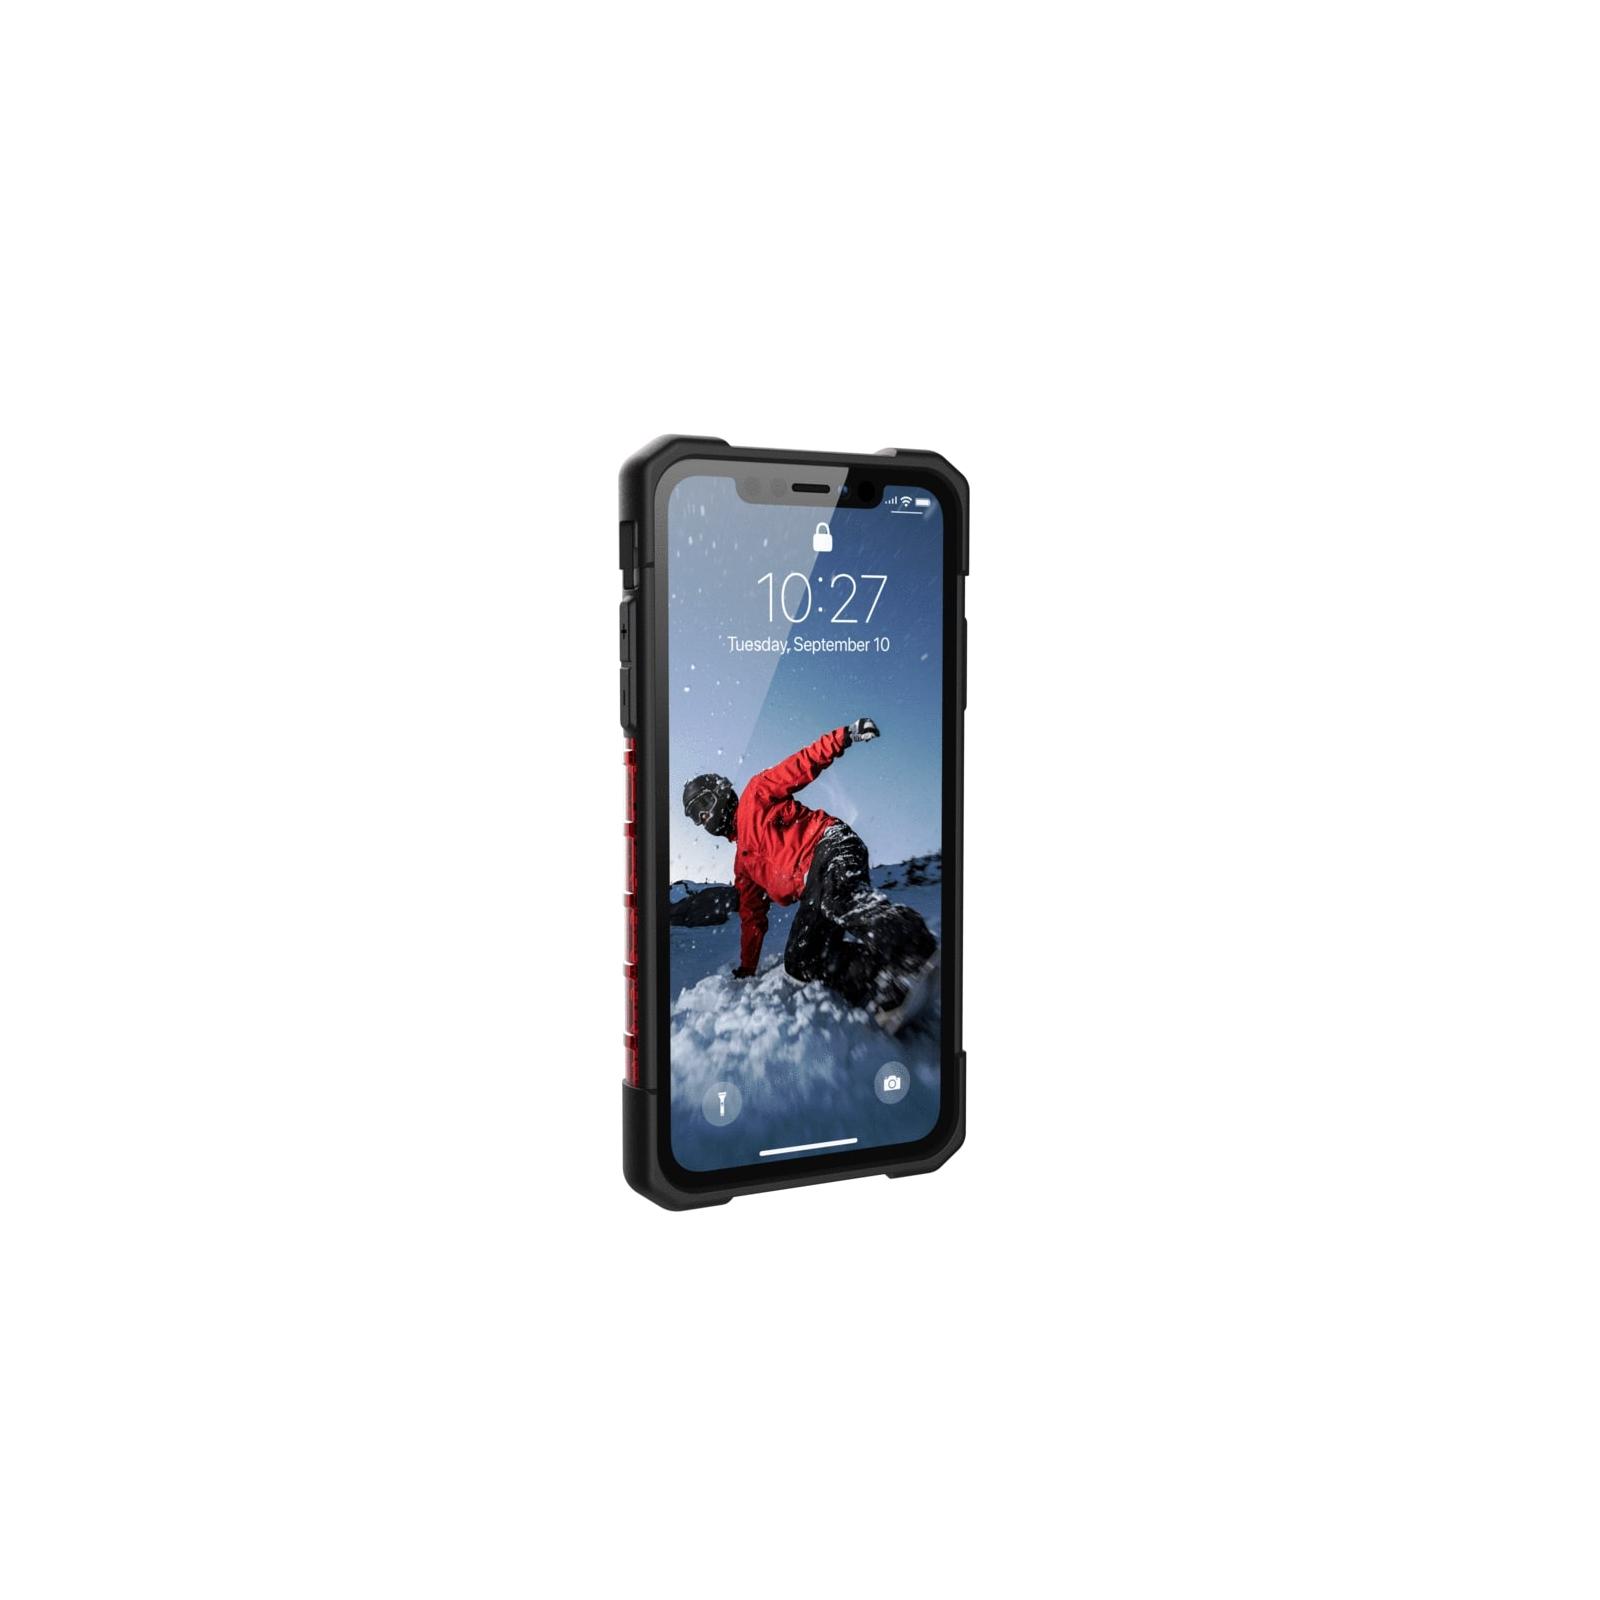 Чехол для моб. телефона Uag iPhone 11 Plasma, Magma (111713119393) изображение 4